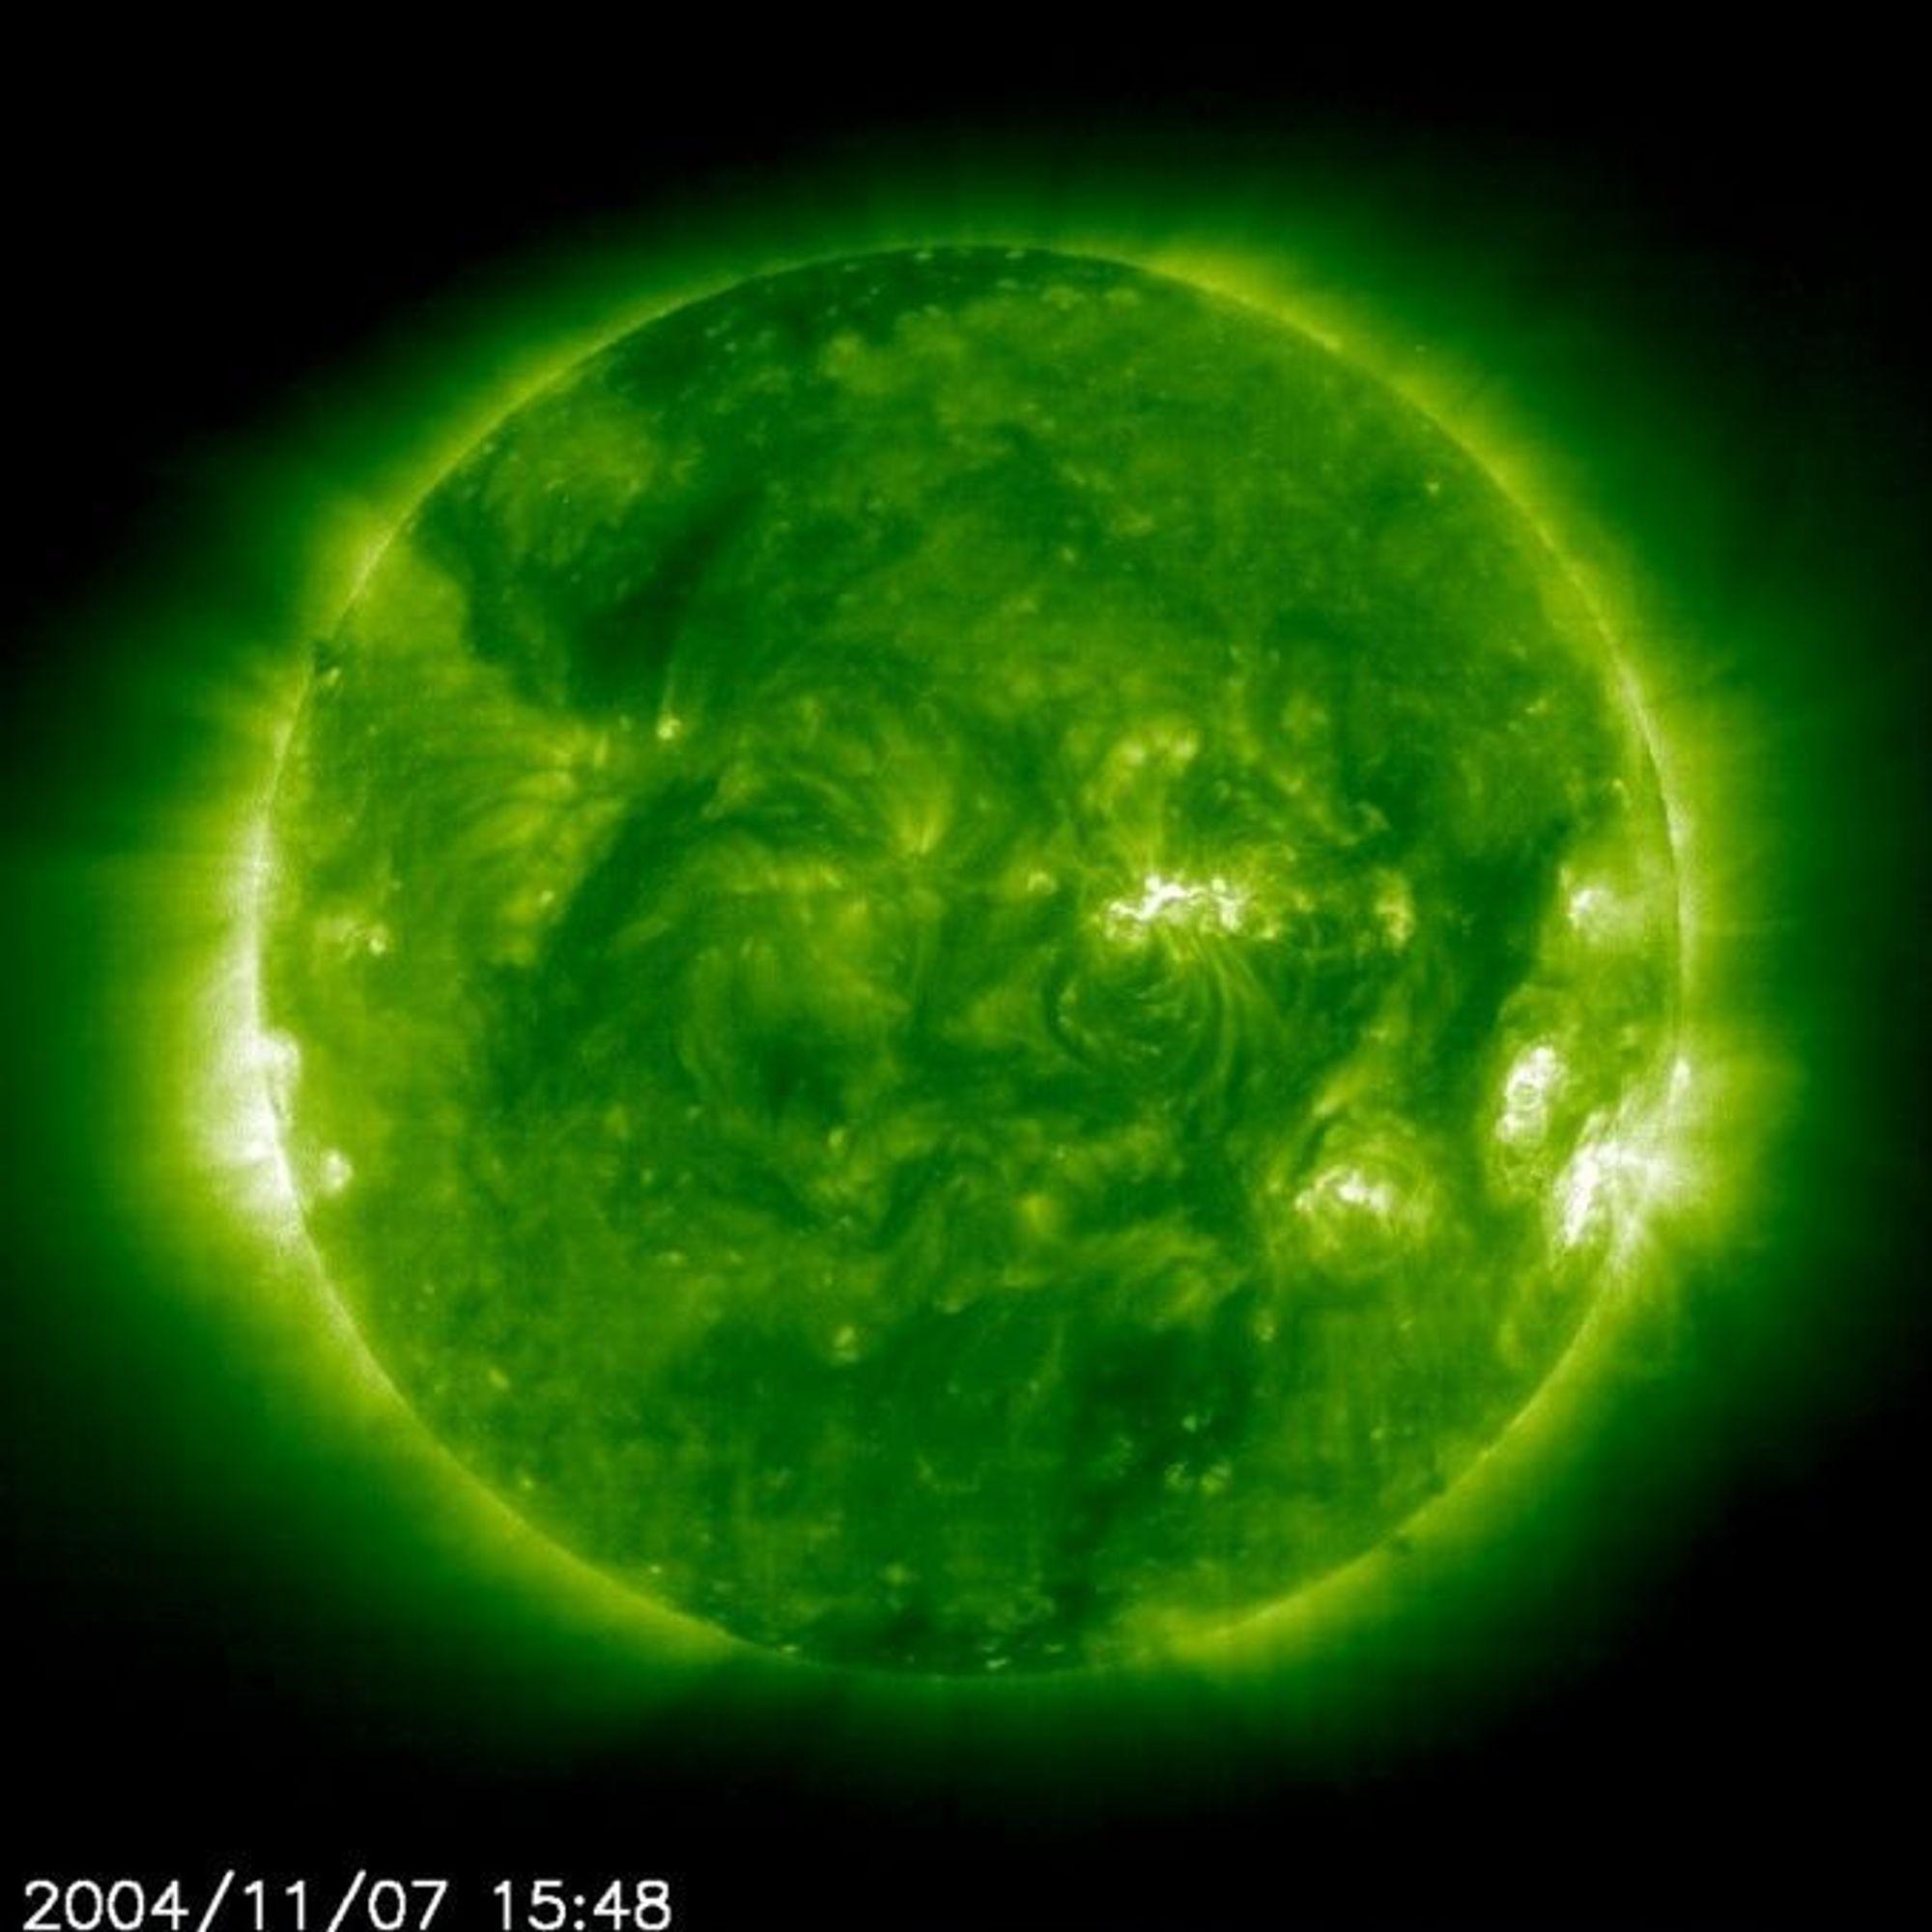 GRØNN KRAFT: Europeiske forskere går sammen om å utvikle energiløsninger basert på solens varme stråler. Forskningen skal konsentrere seg om å finne lagringsmetoder for energien.FOTO: NASA/SOHO